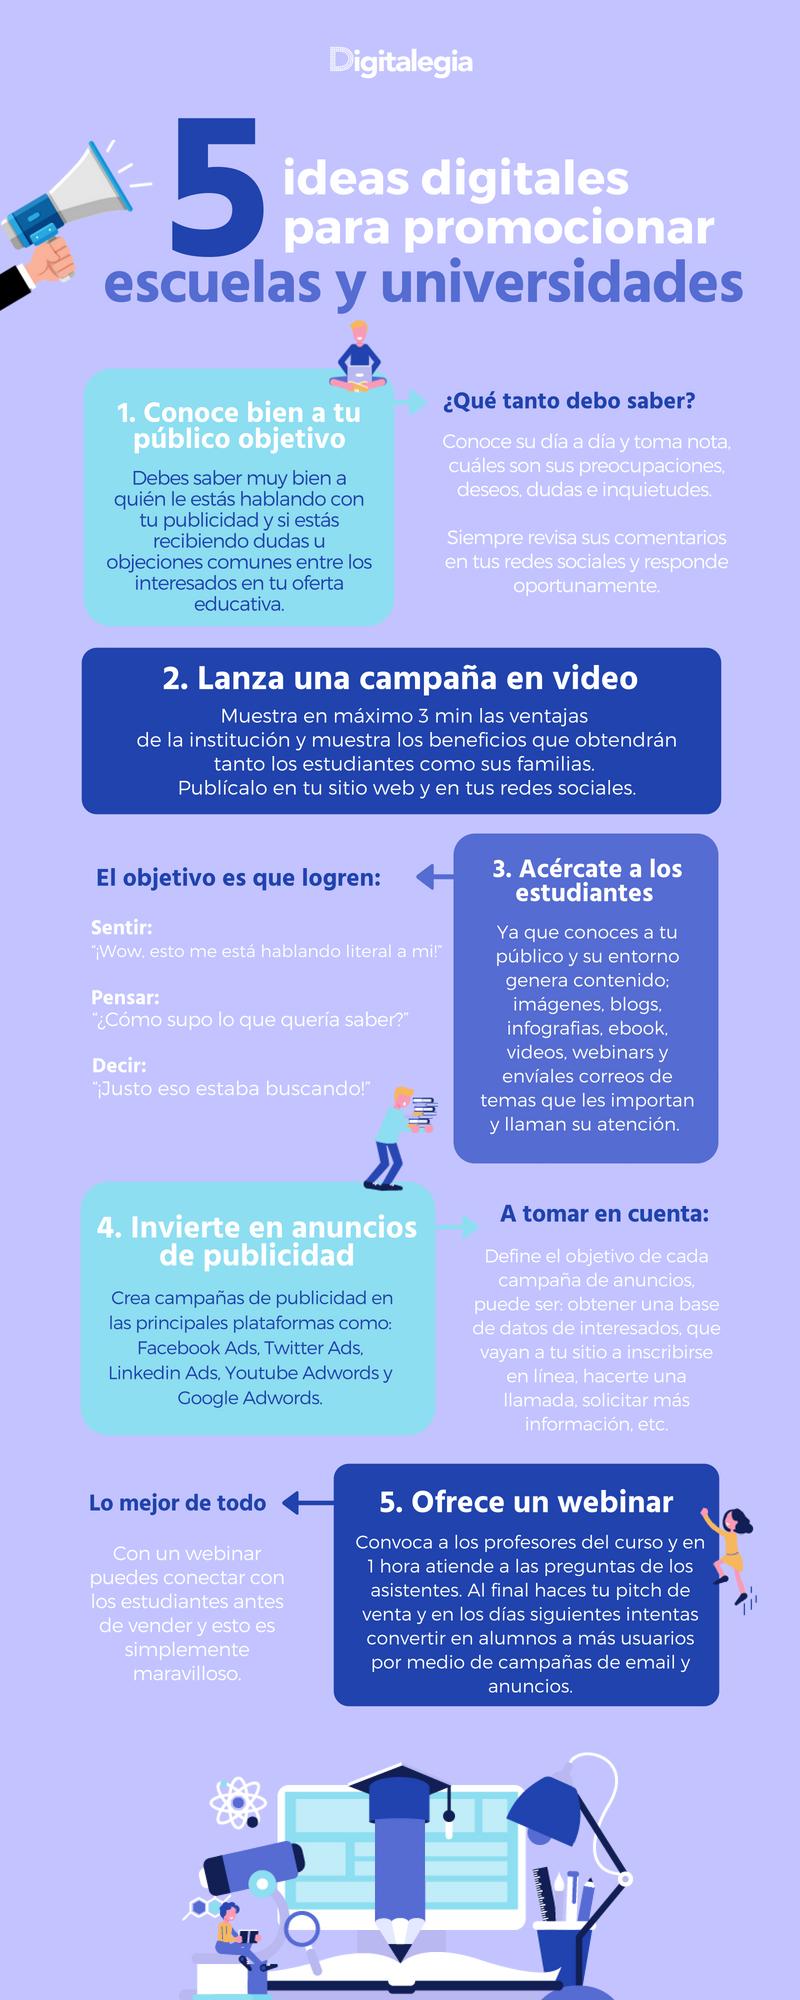 5-ideas-digitales-para-promocionar-escuelas-y-universidades